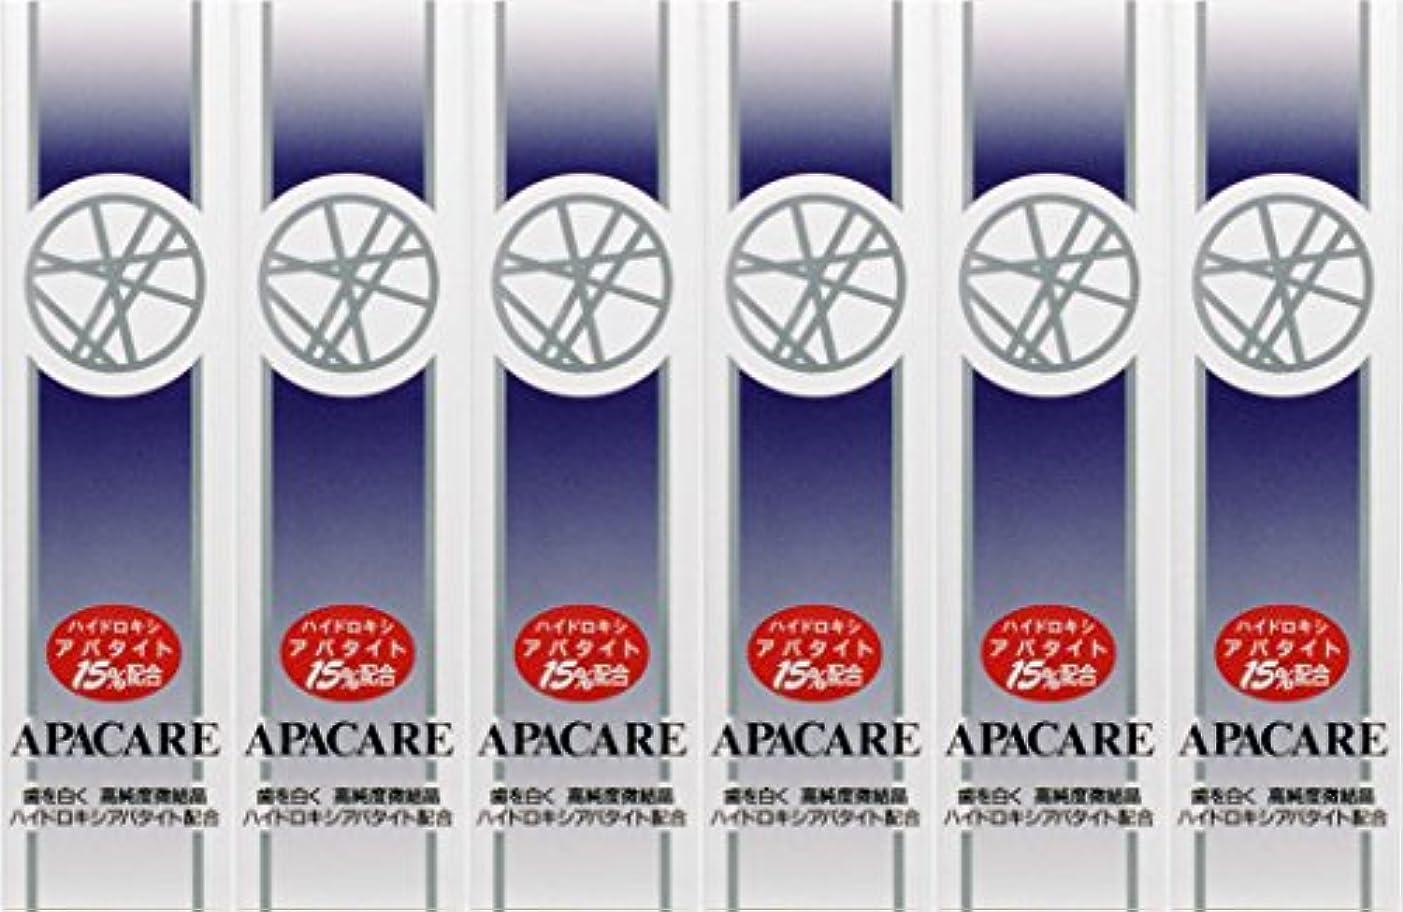 【6個セット】アパケア-A120g